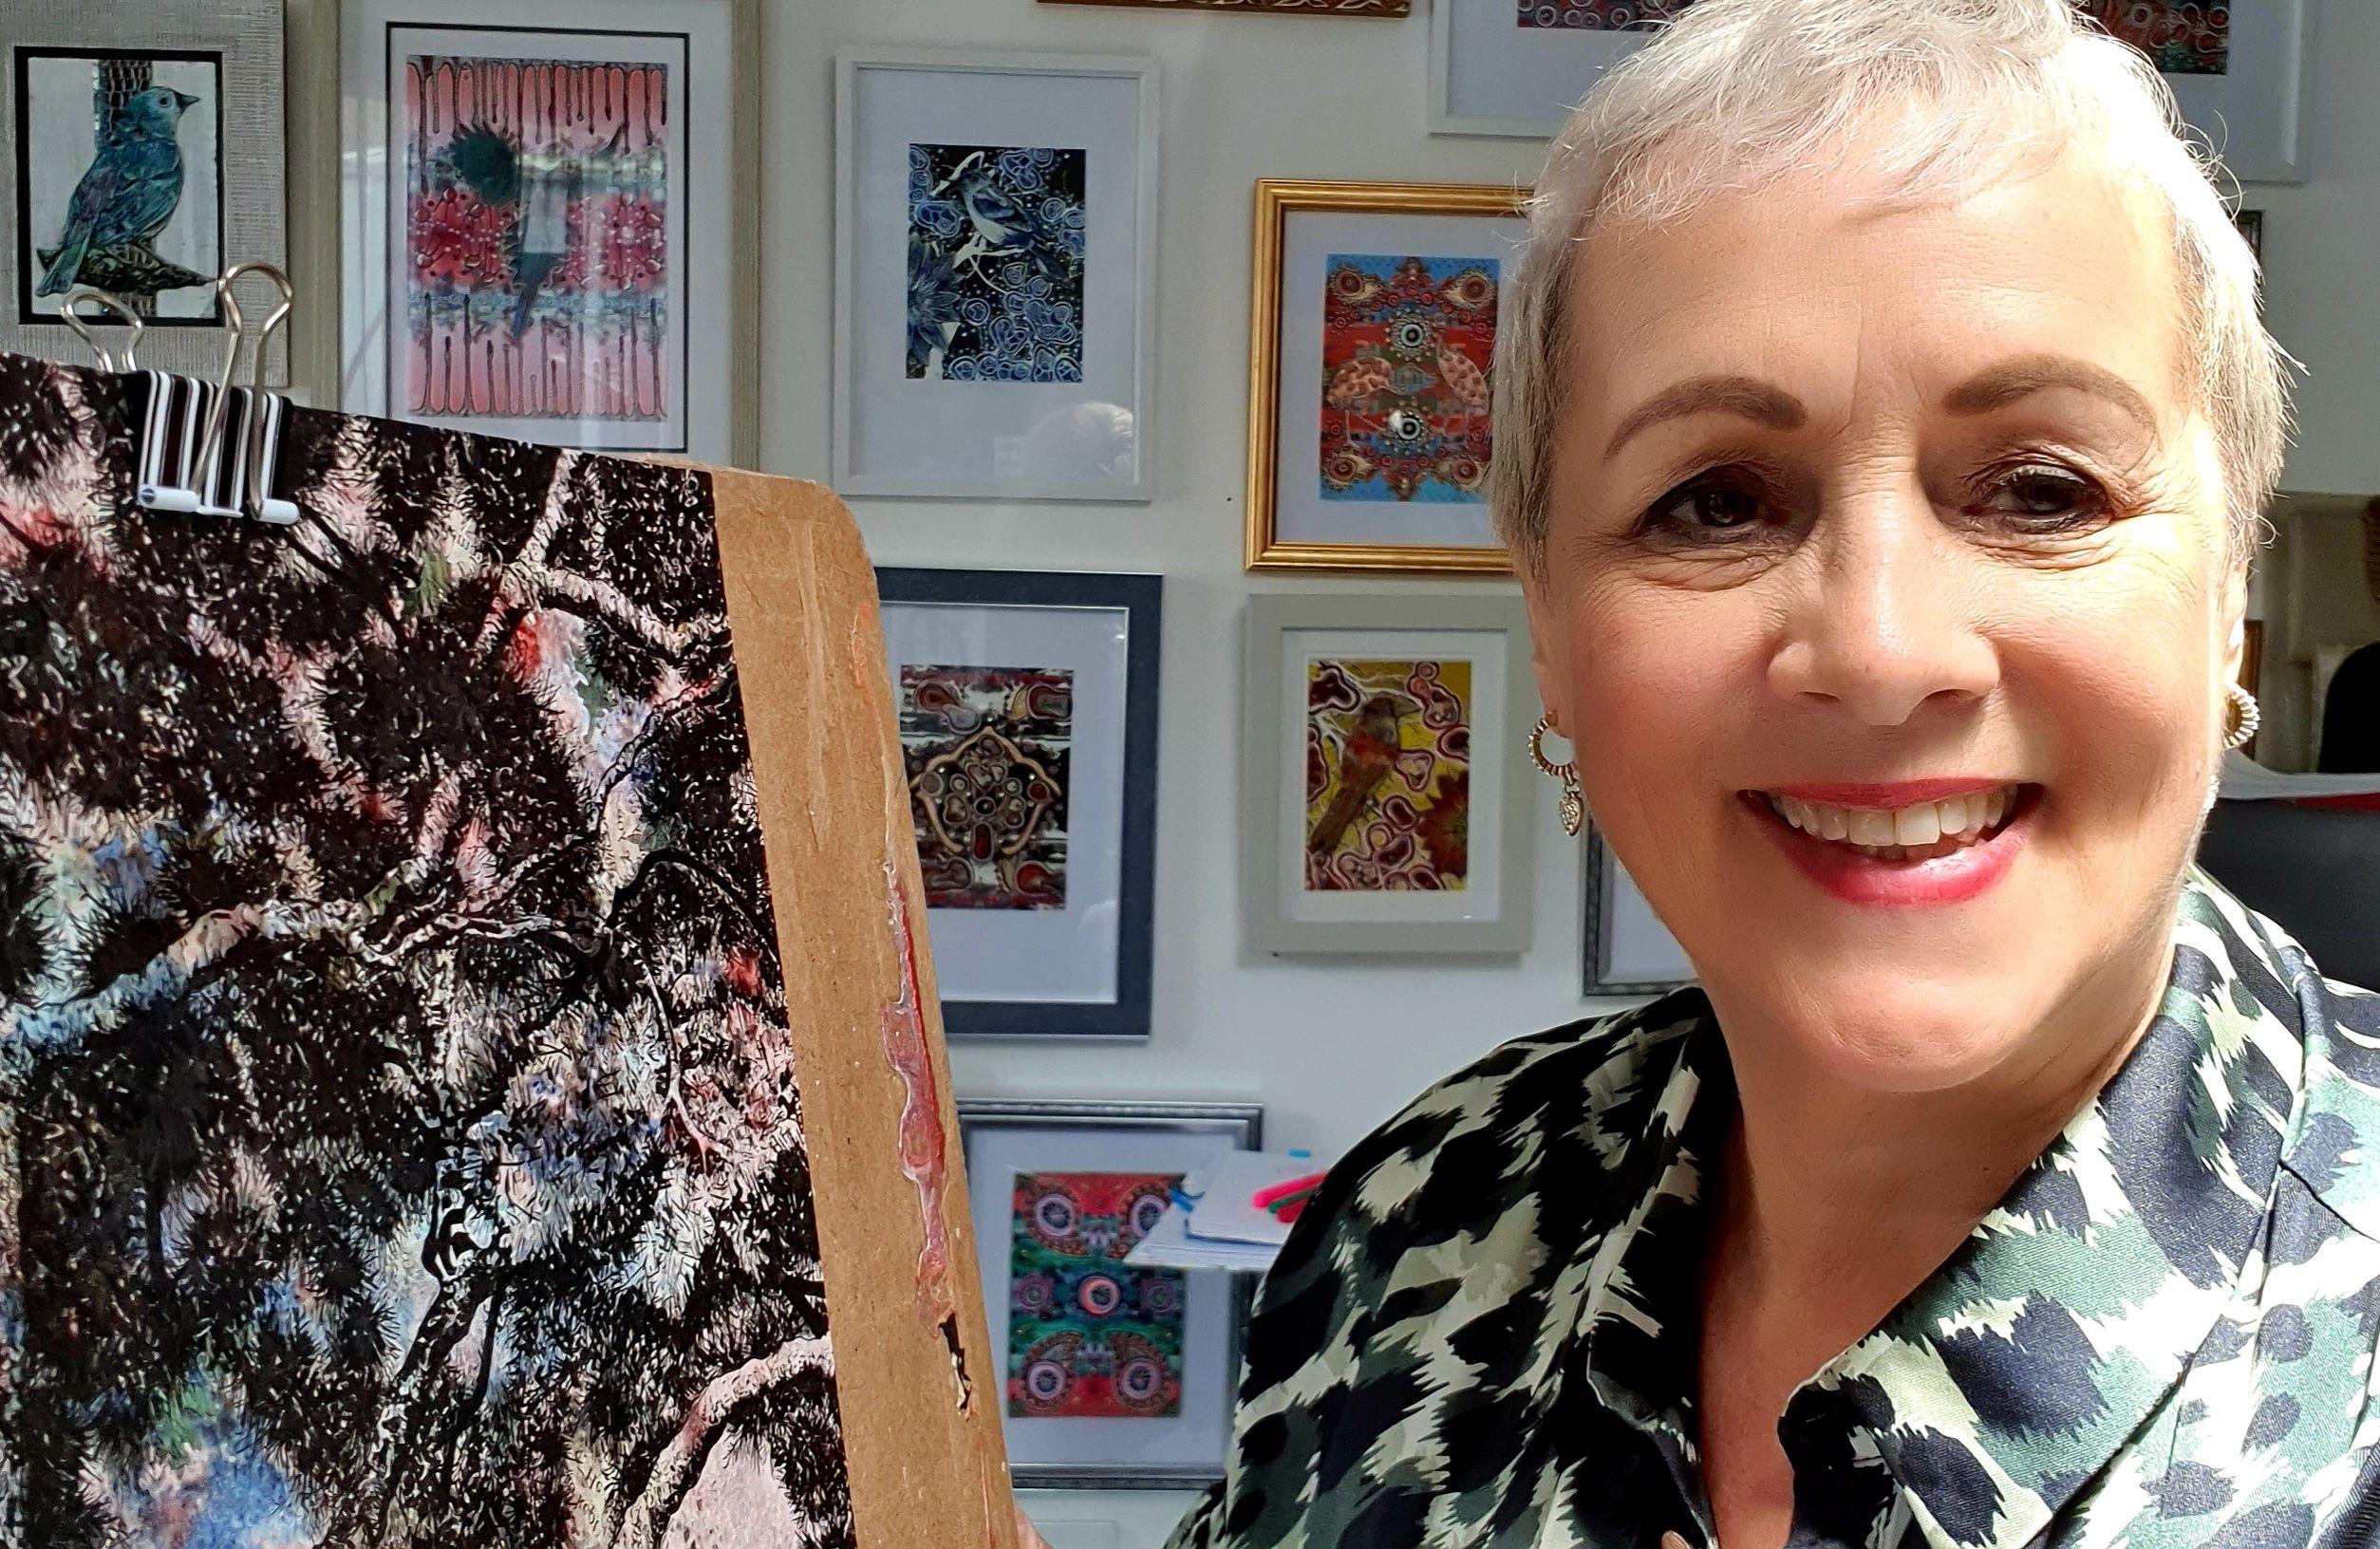 selfie of artist with paintings